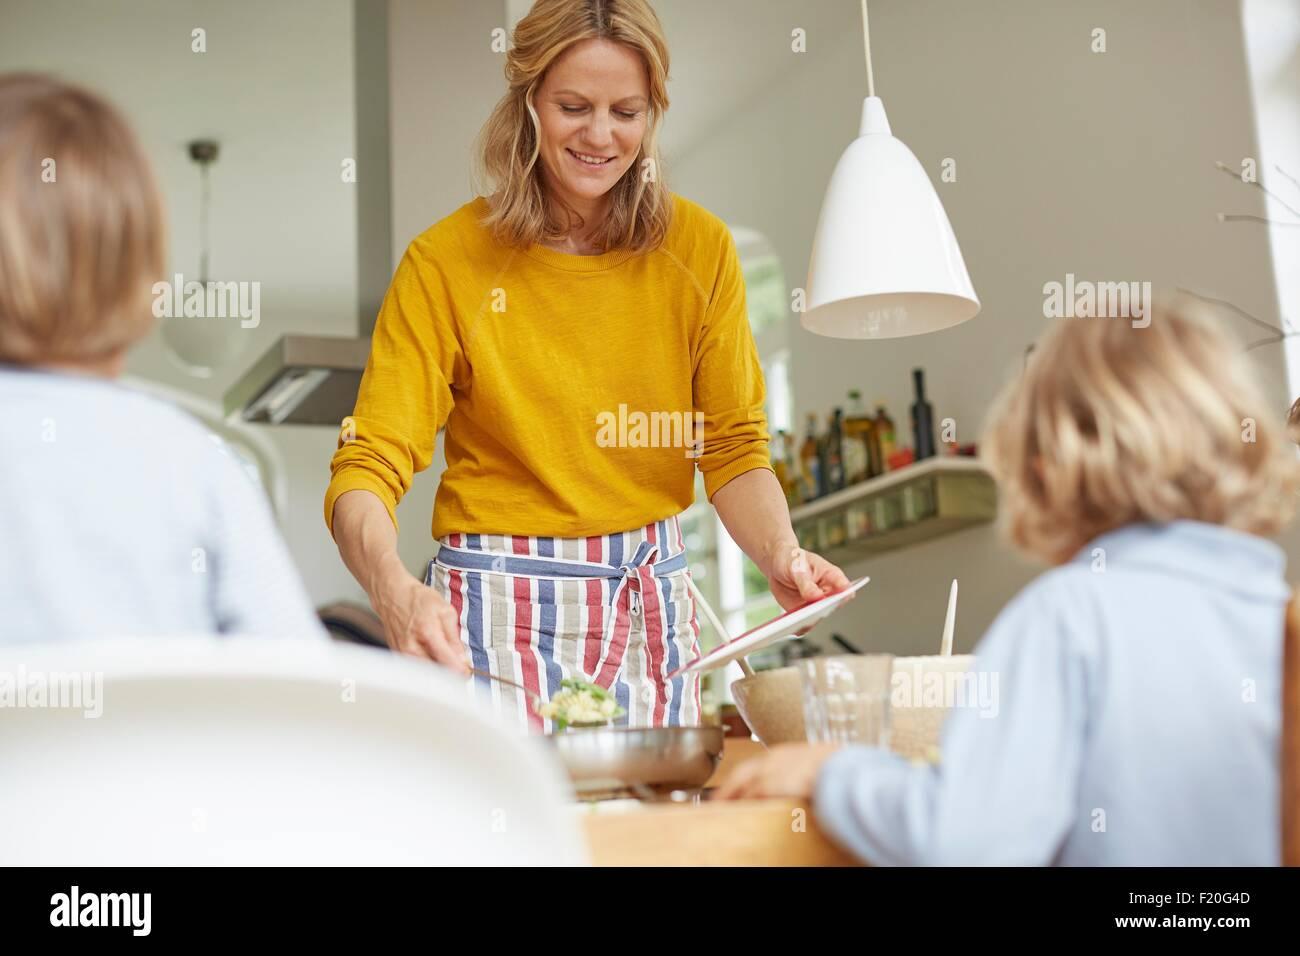 Donna che serve pasti al tavolo da pranzo Immagini Stock